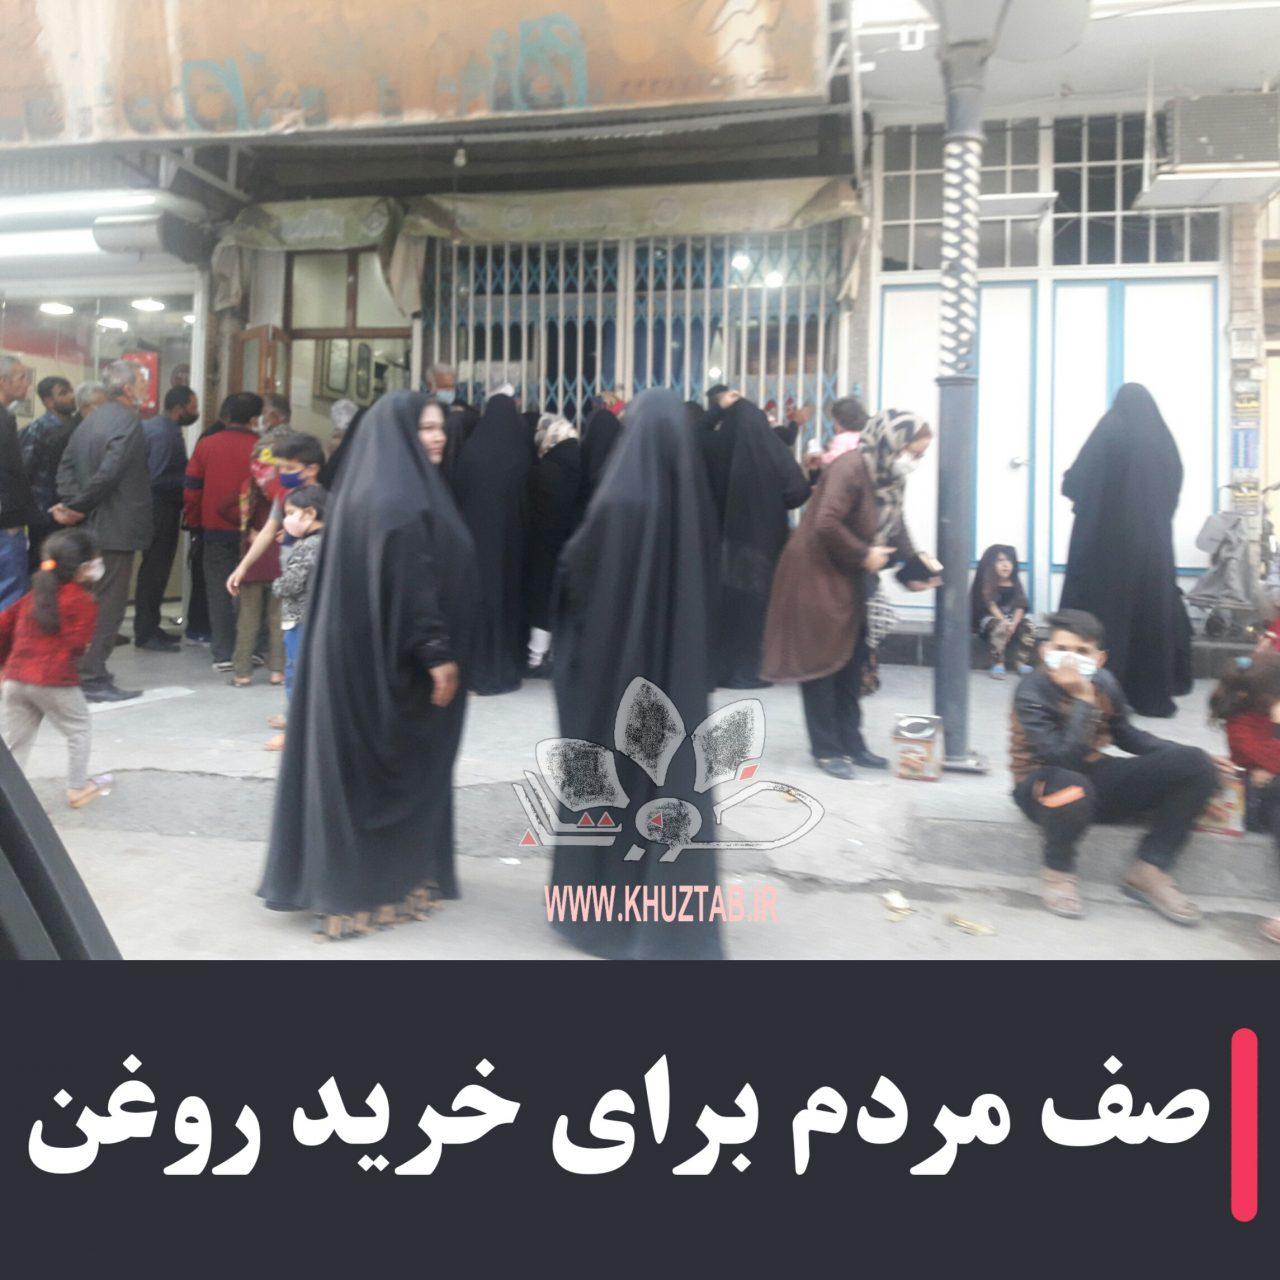 PicsArt 01 04 01.01.16 1280x1280 کمبود روغن خوراکی در خوزستان و خطری که شهروندان را تهدید می کند